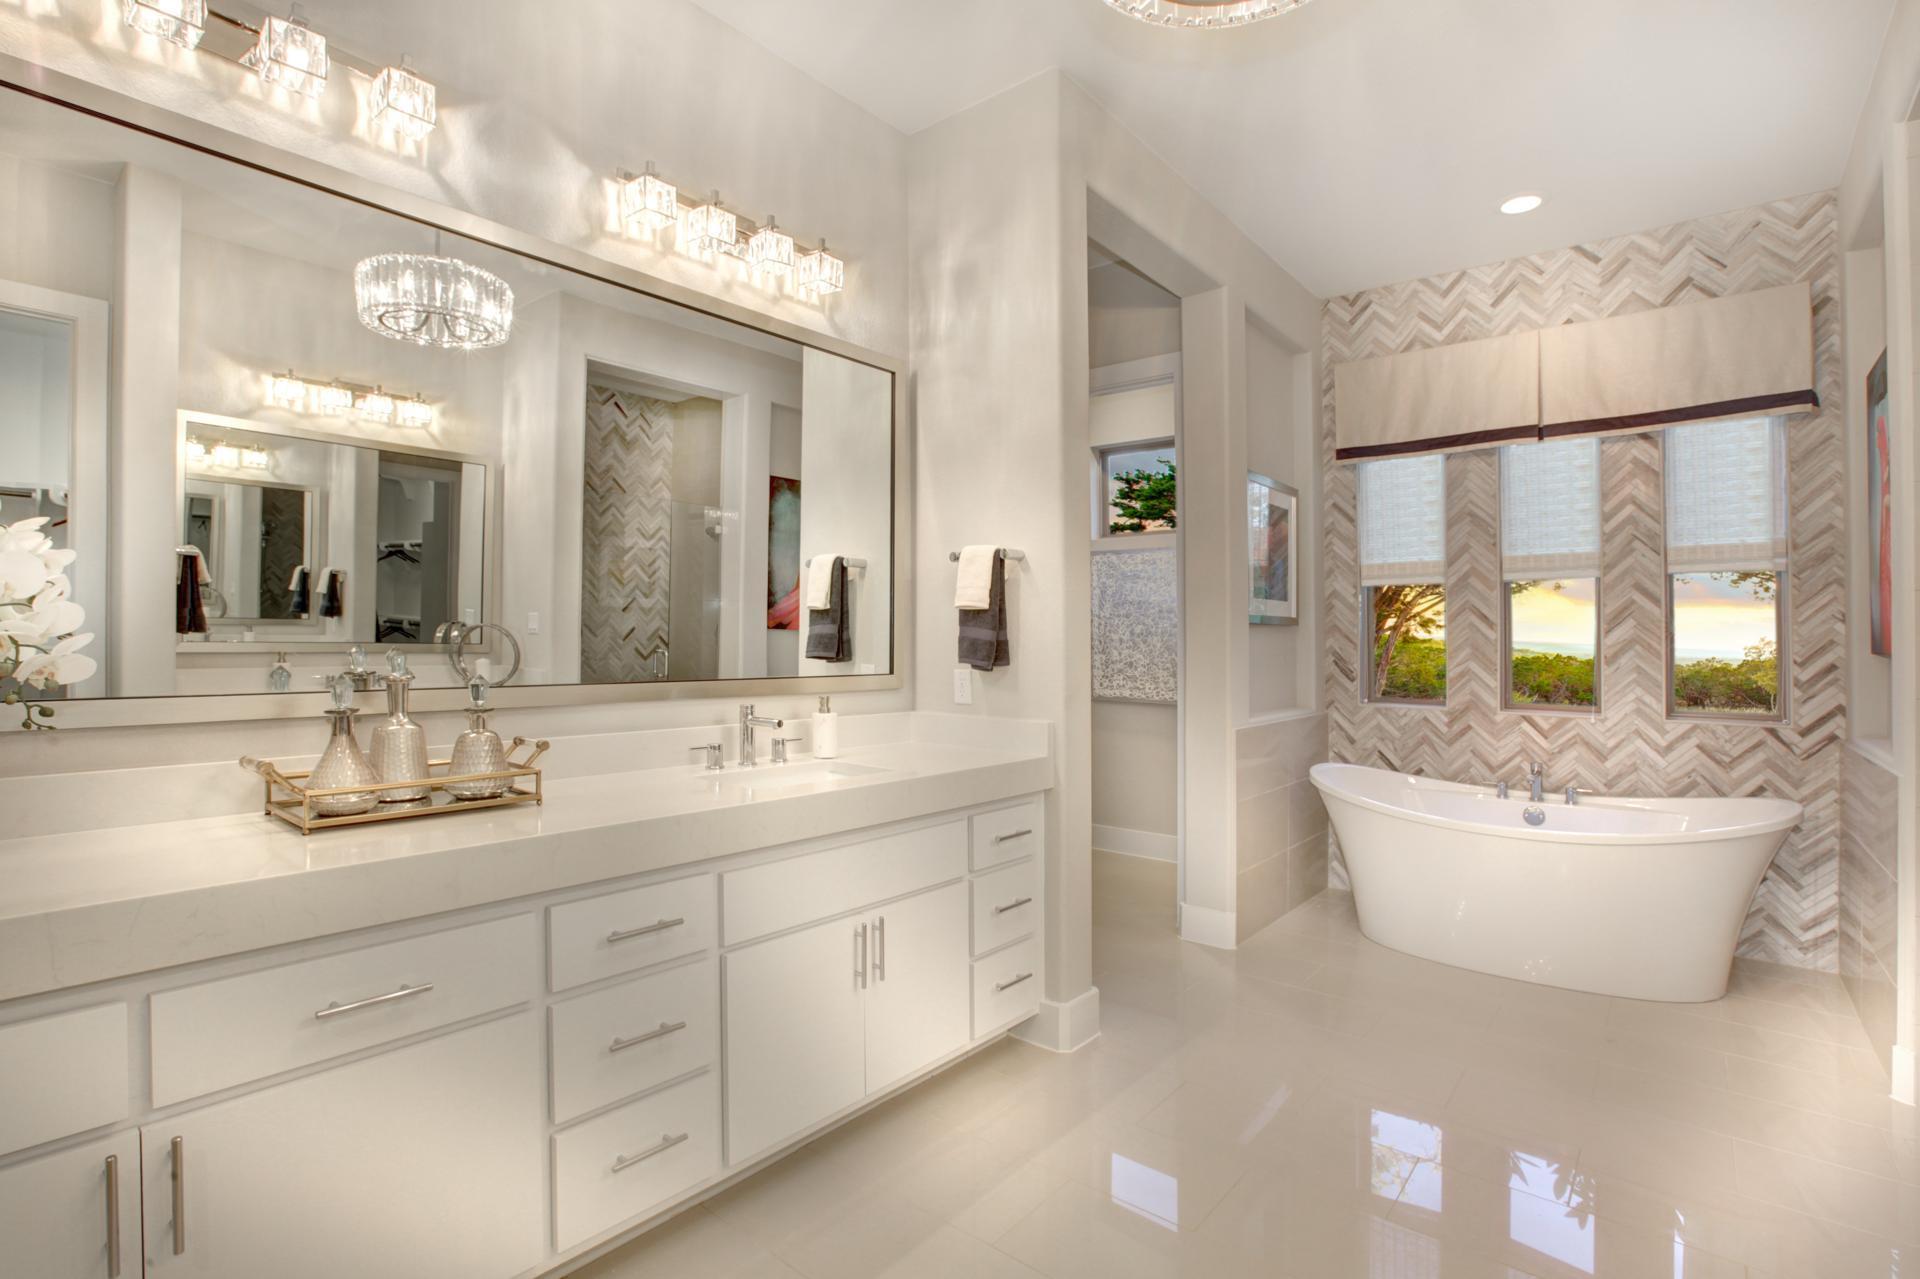 Marley Plan Drees Custom Homes 4 Bedrooms 4 5 Baths